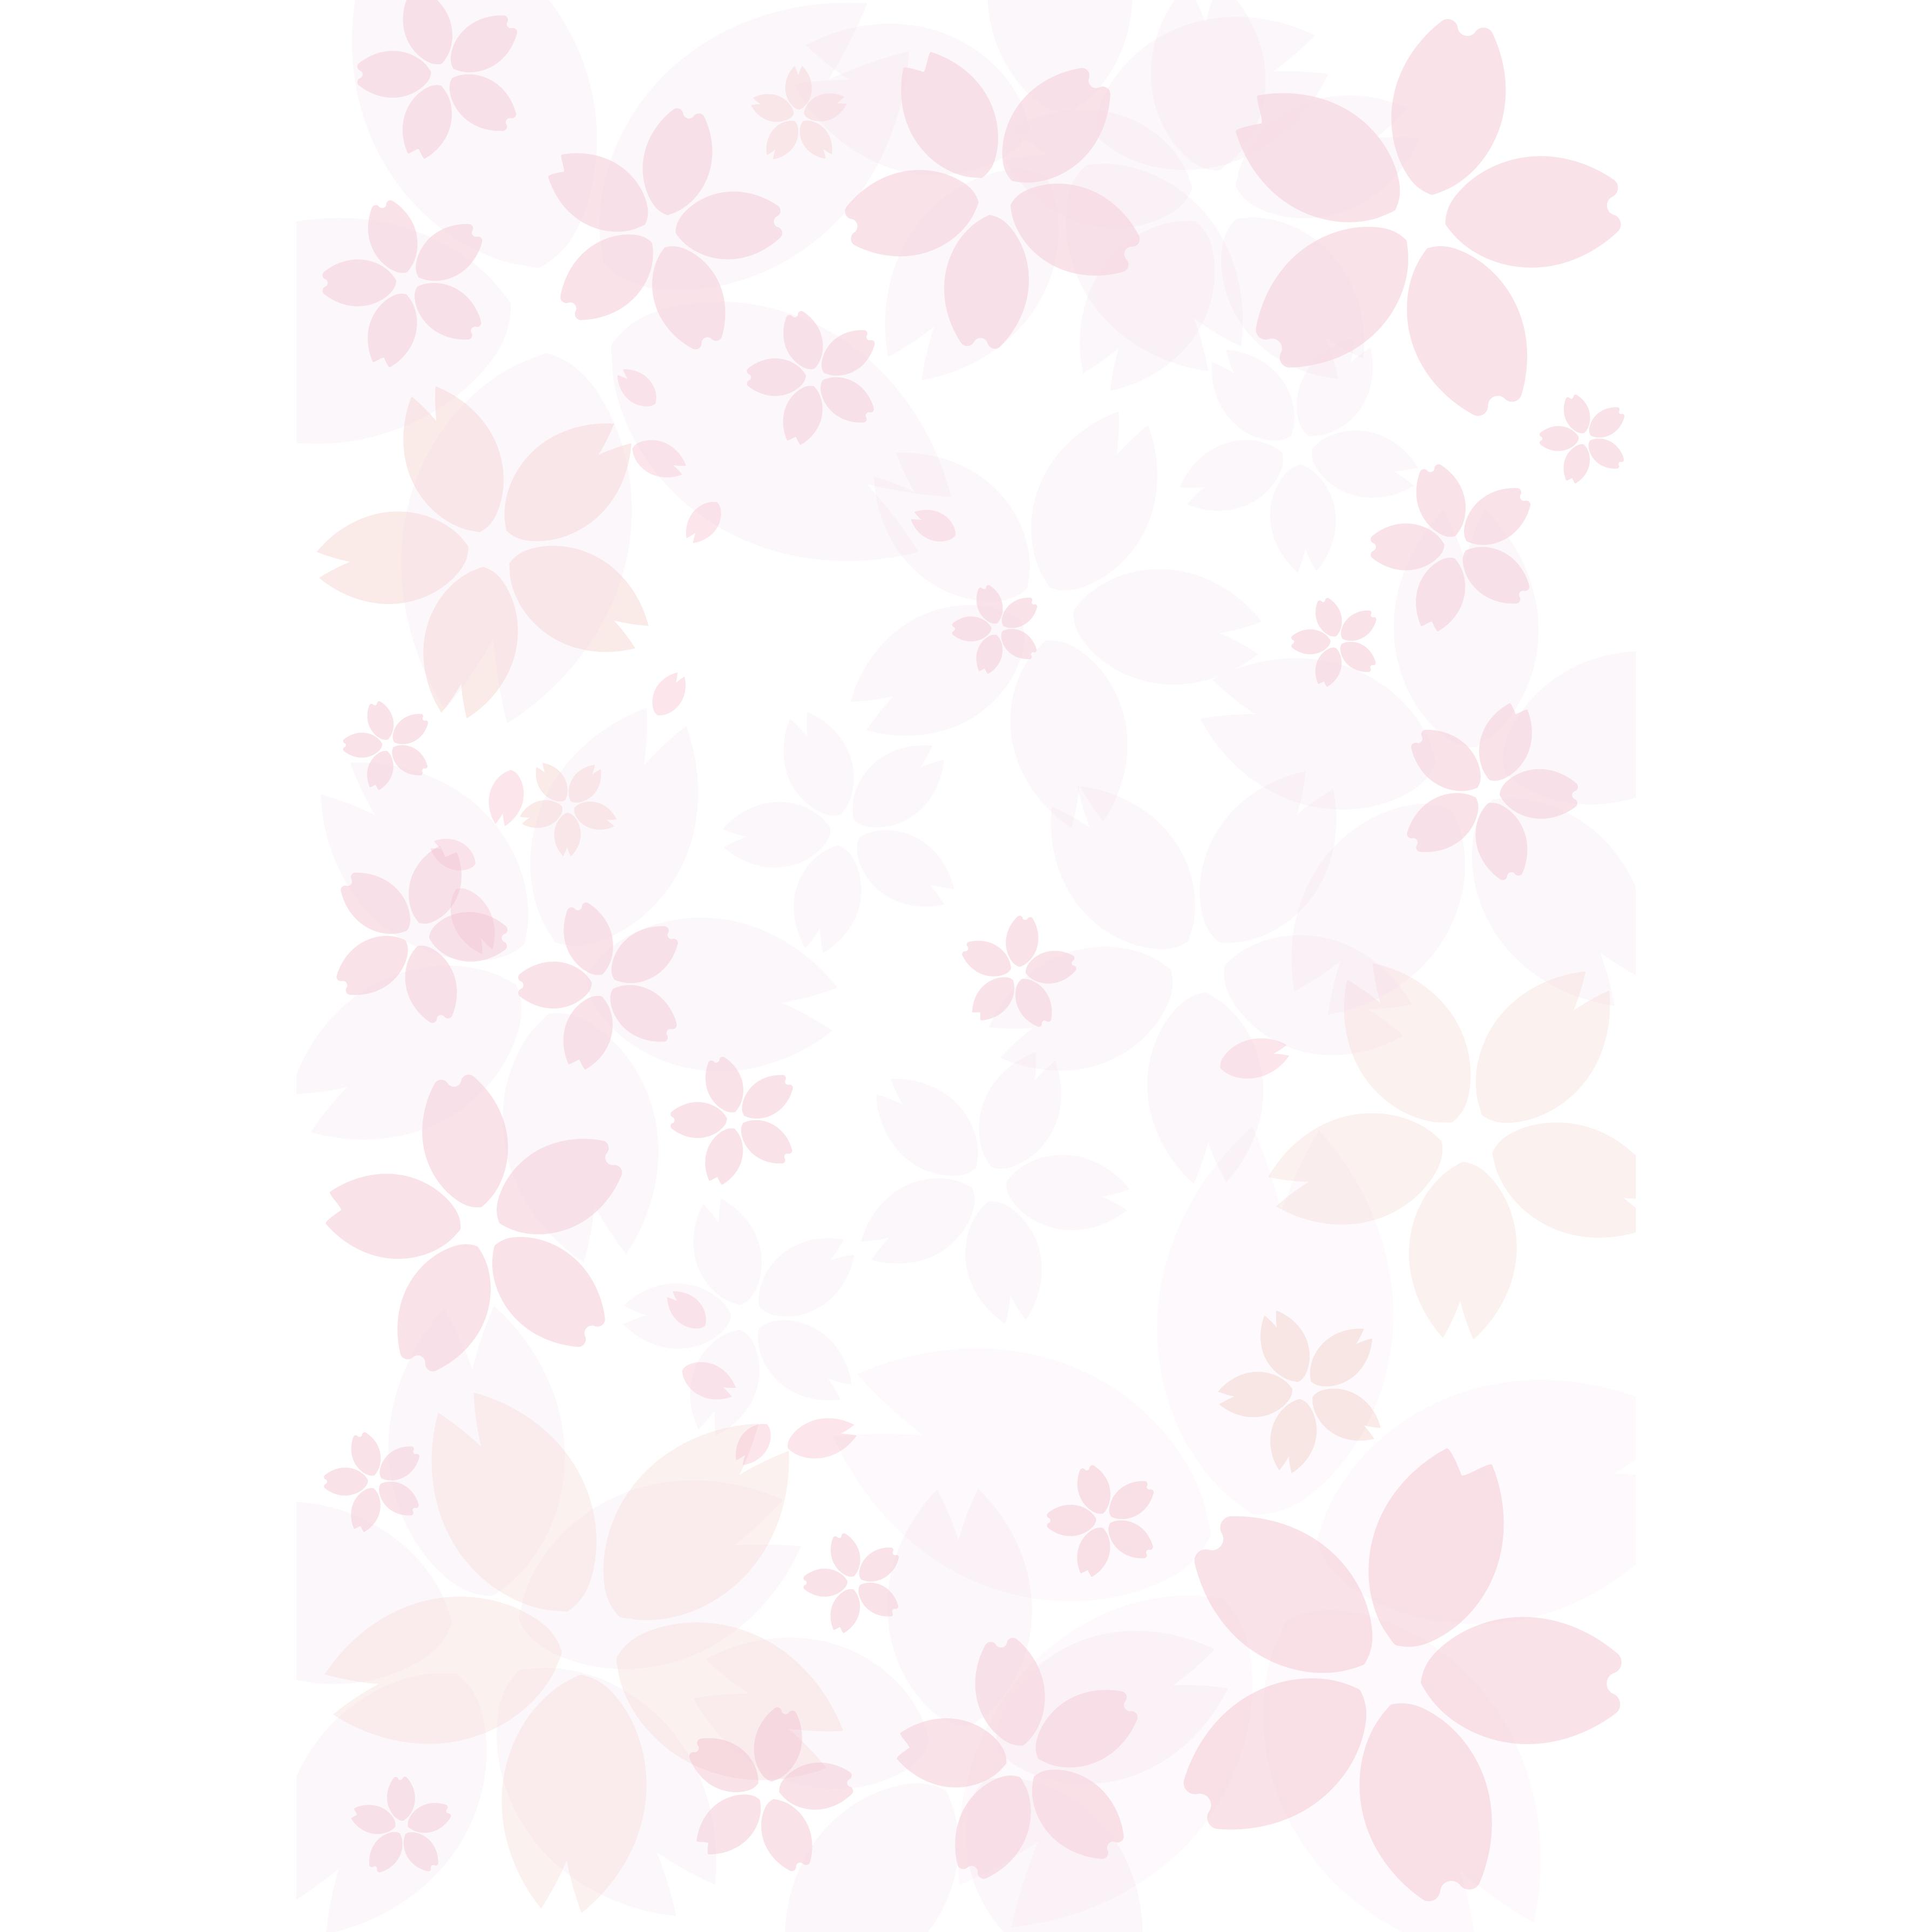 春を感じる!桜(サクラ)の背景 イラスト | 商用フリー(無料)の